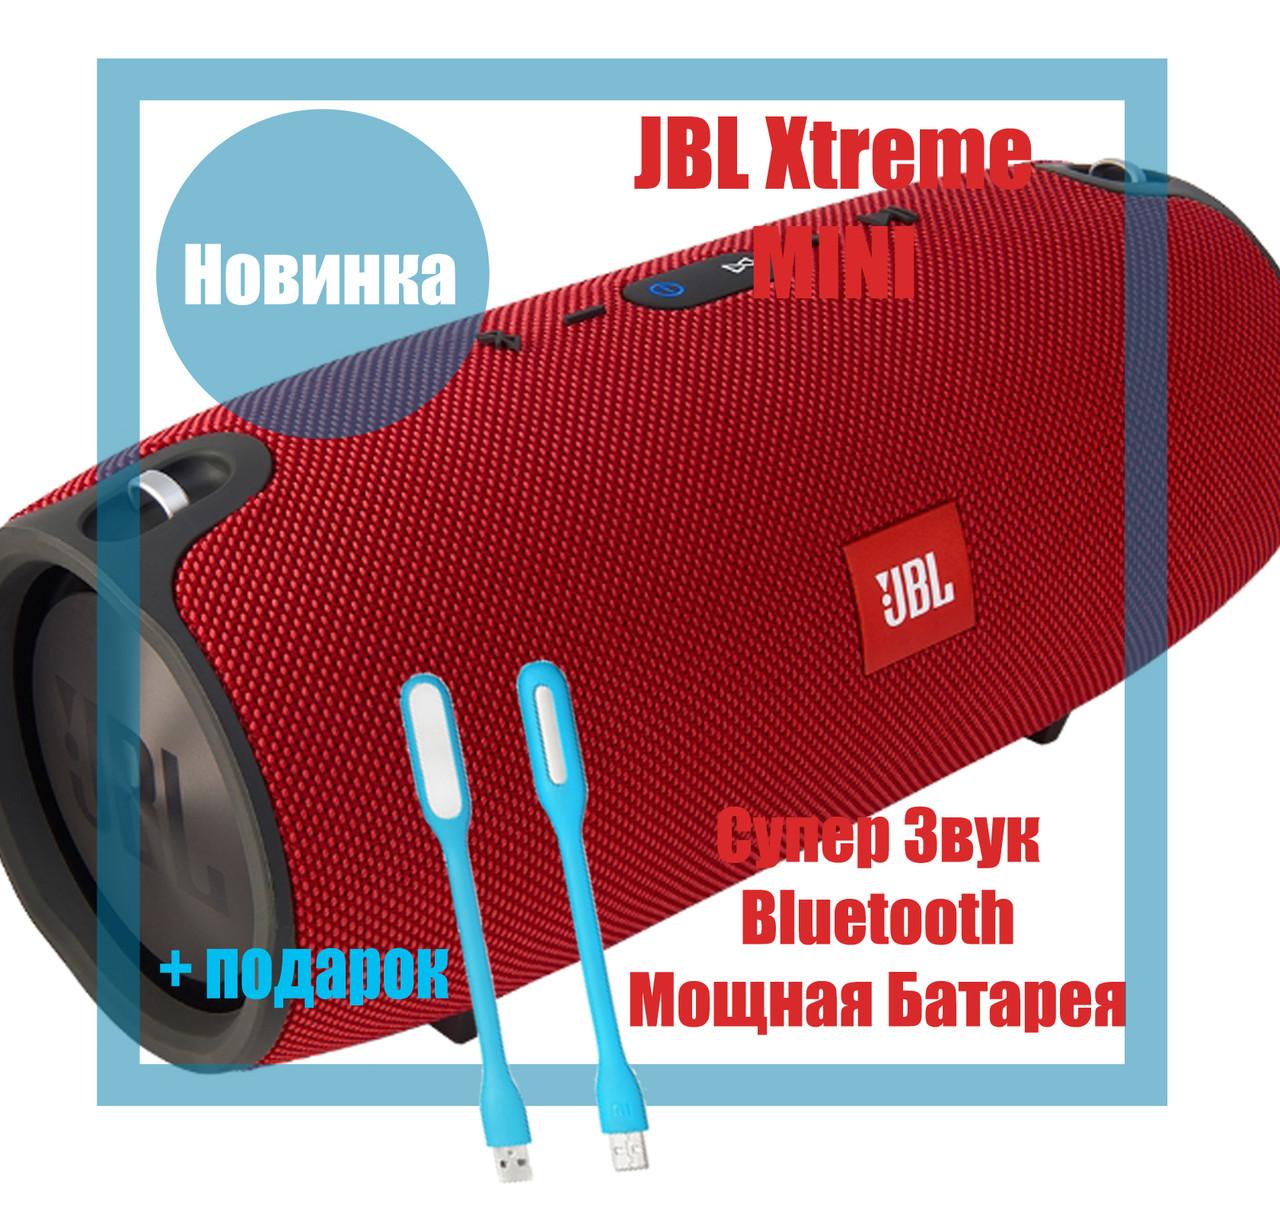 Колонка JBL Xtreme Mini Bluetooth влагозащита, microSD, PowerBank, 20W качество Quality Replica